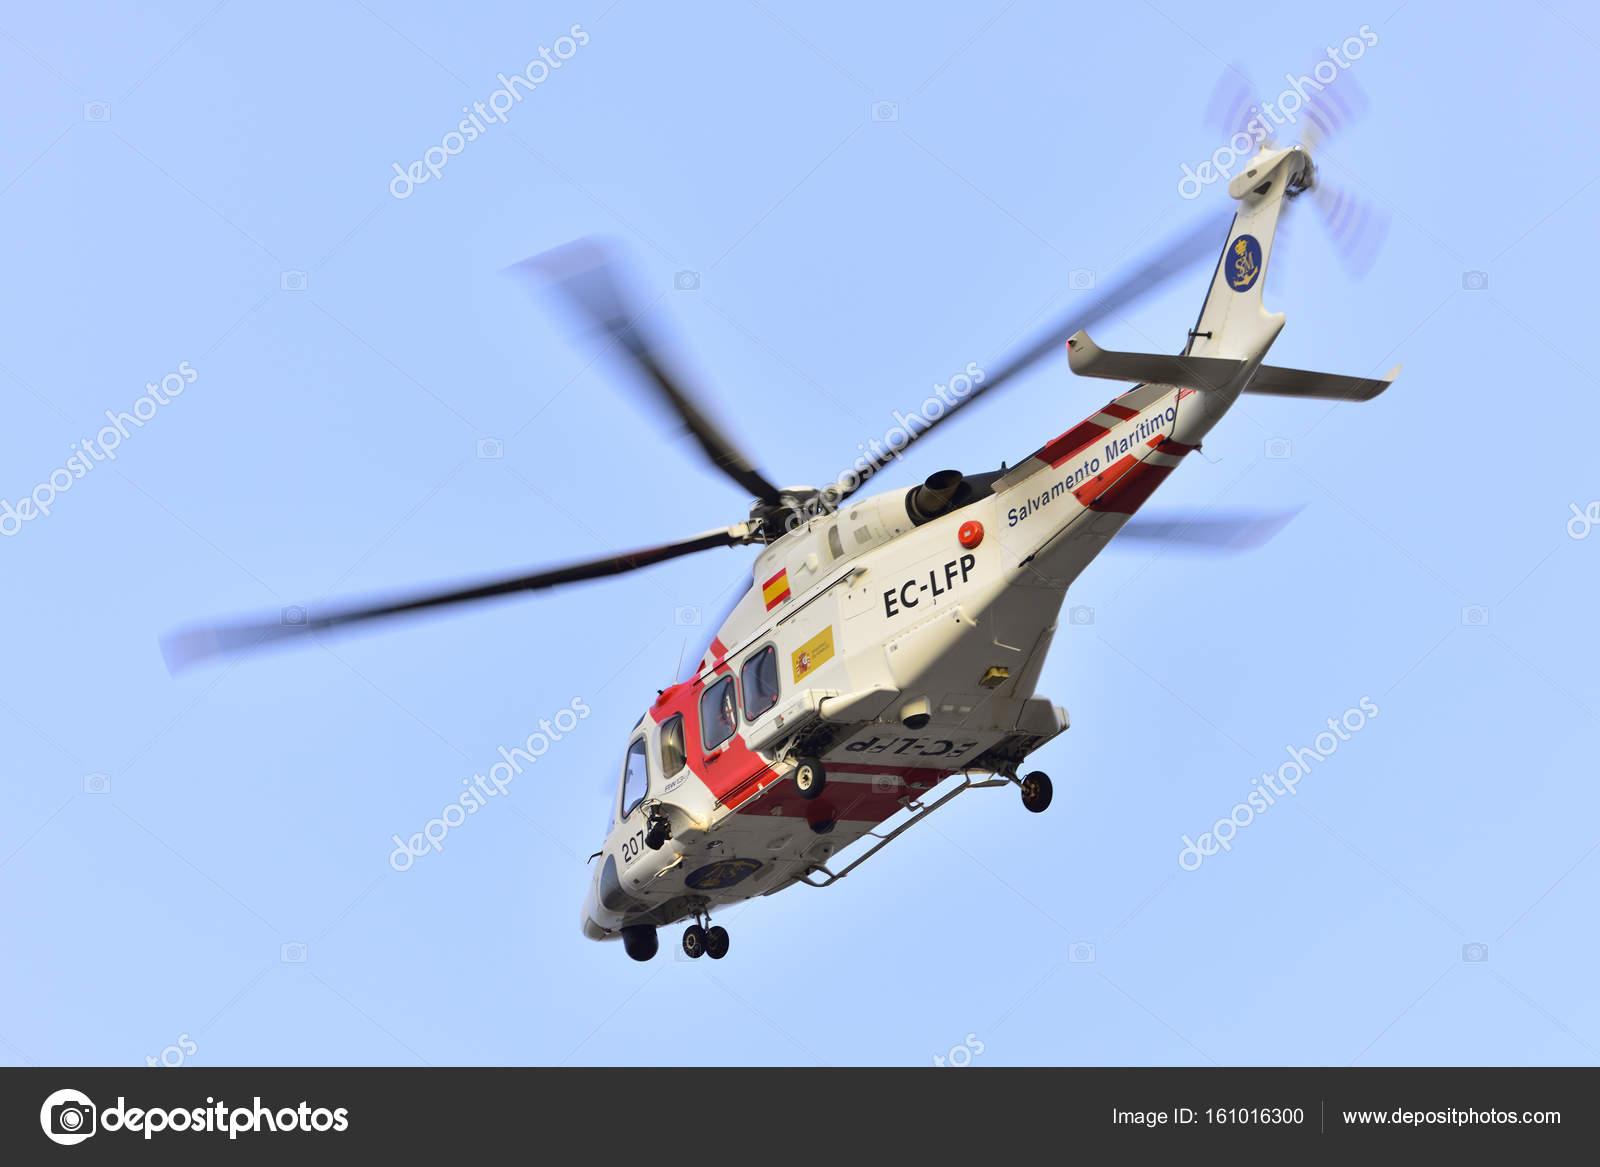 Elicottero 139 : 17 luglio tenerife: elicottero di salvataggio in mare. 17 luglio